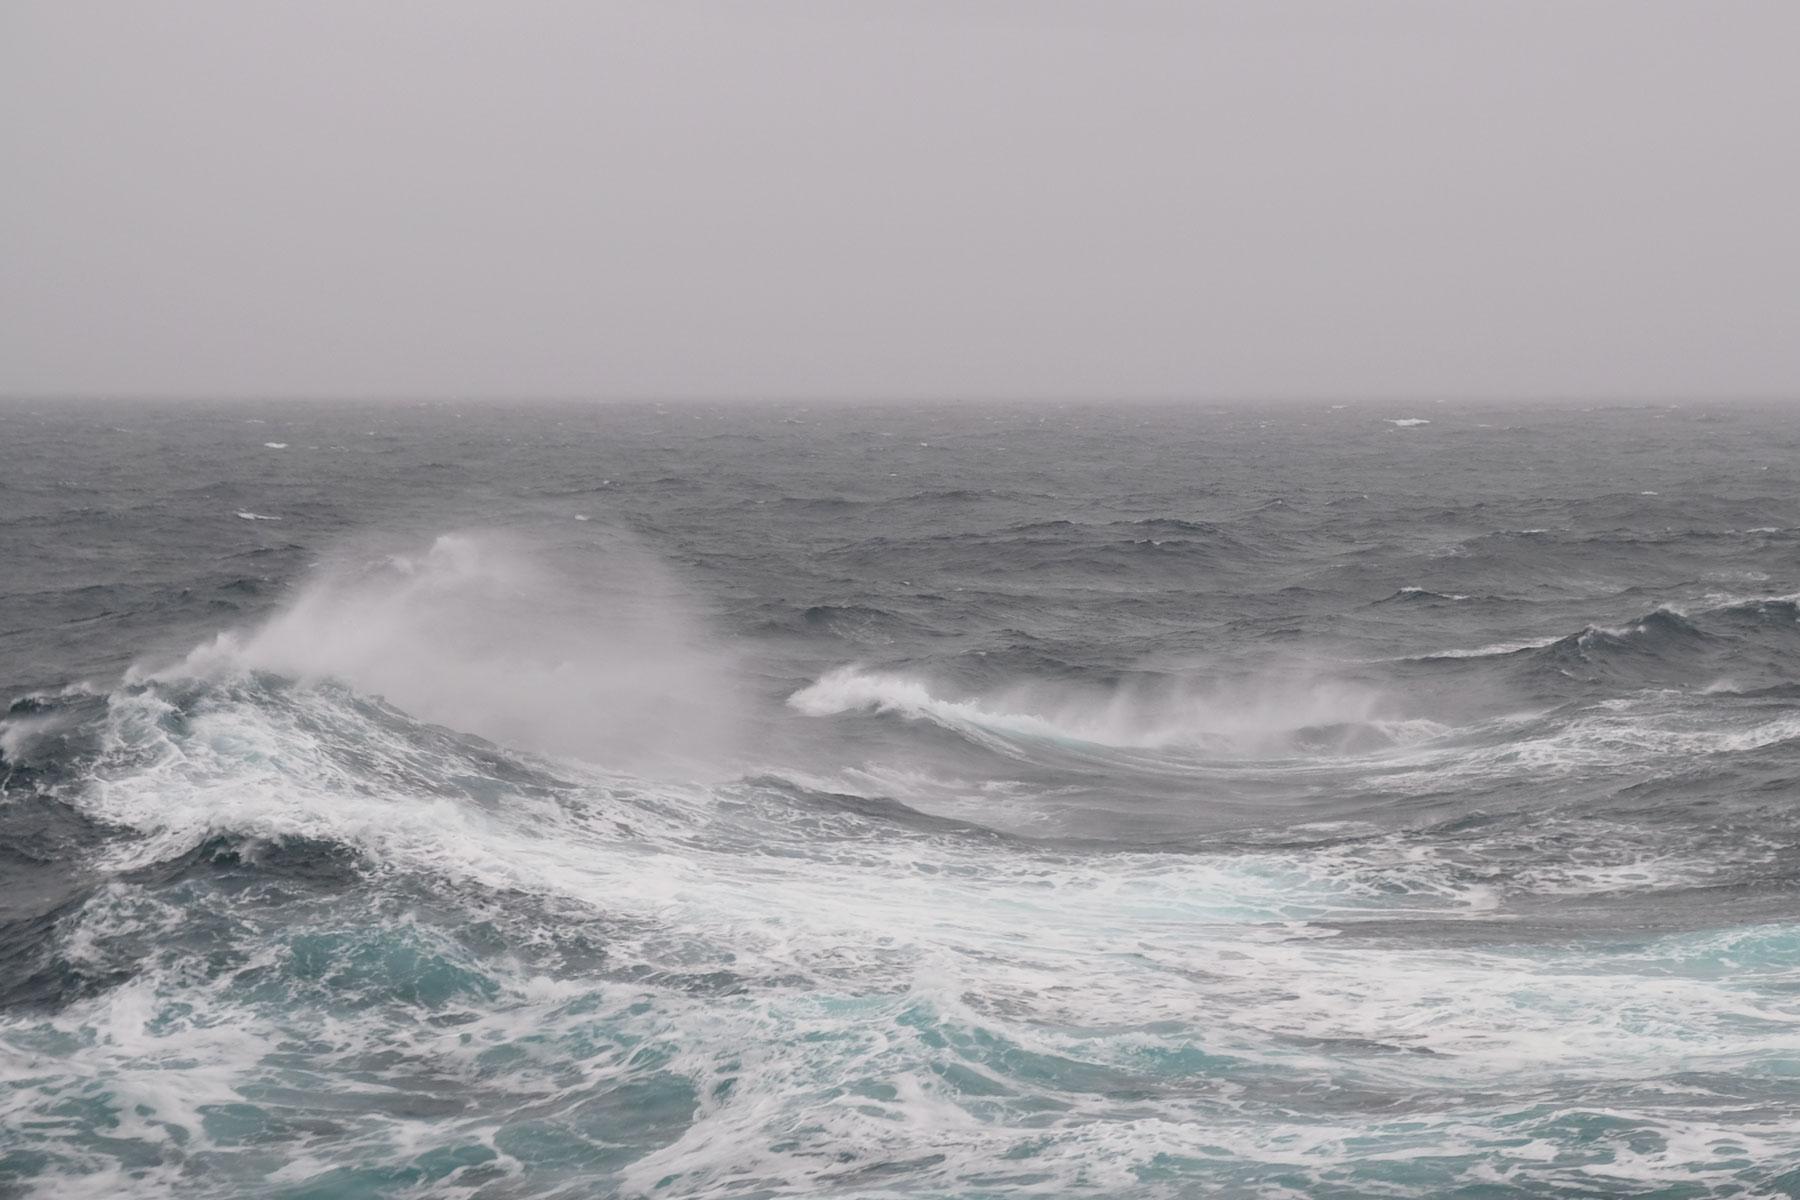 Die Wellen auf dem Pazifik.